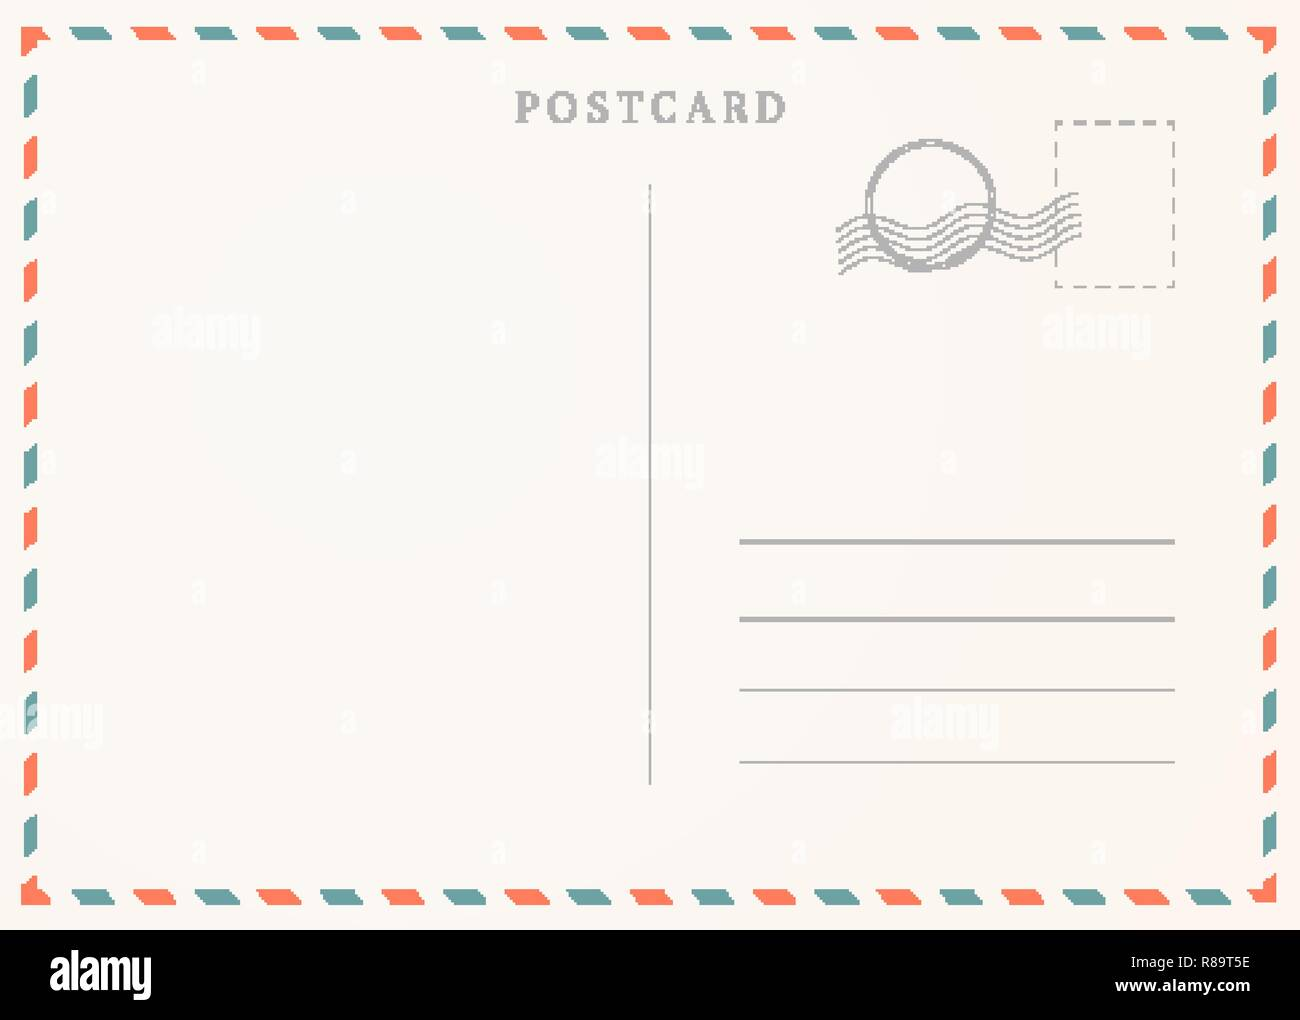 Vintage Postcard Template Postal Card Illustration For Design Stock